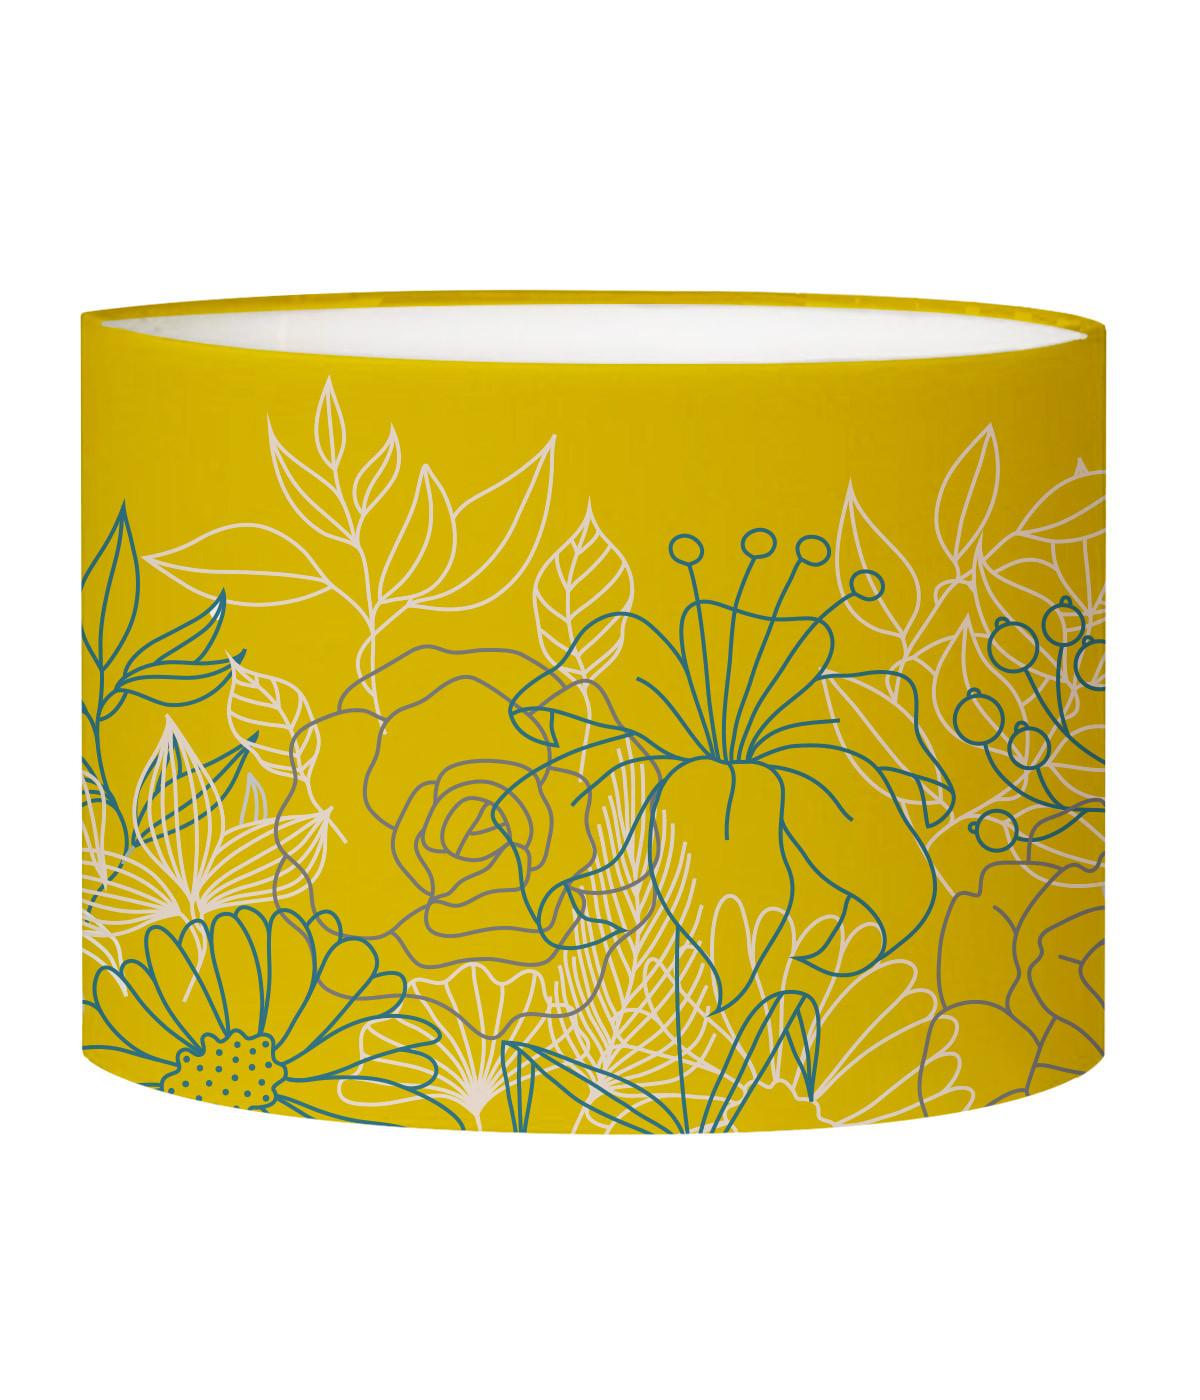 Abat-jour Lampadaire Bouquet Jaune Moutarde D 45 x H 25